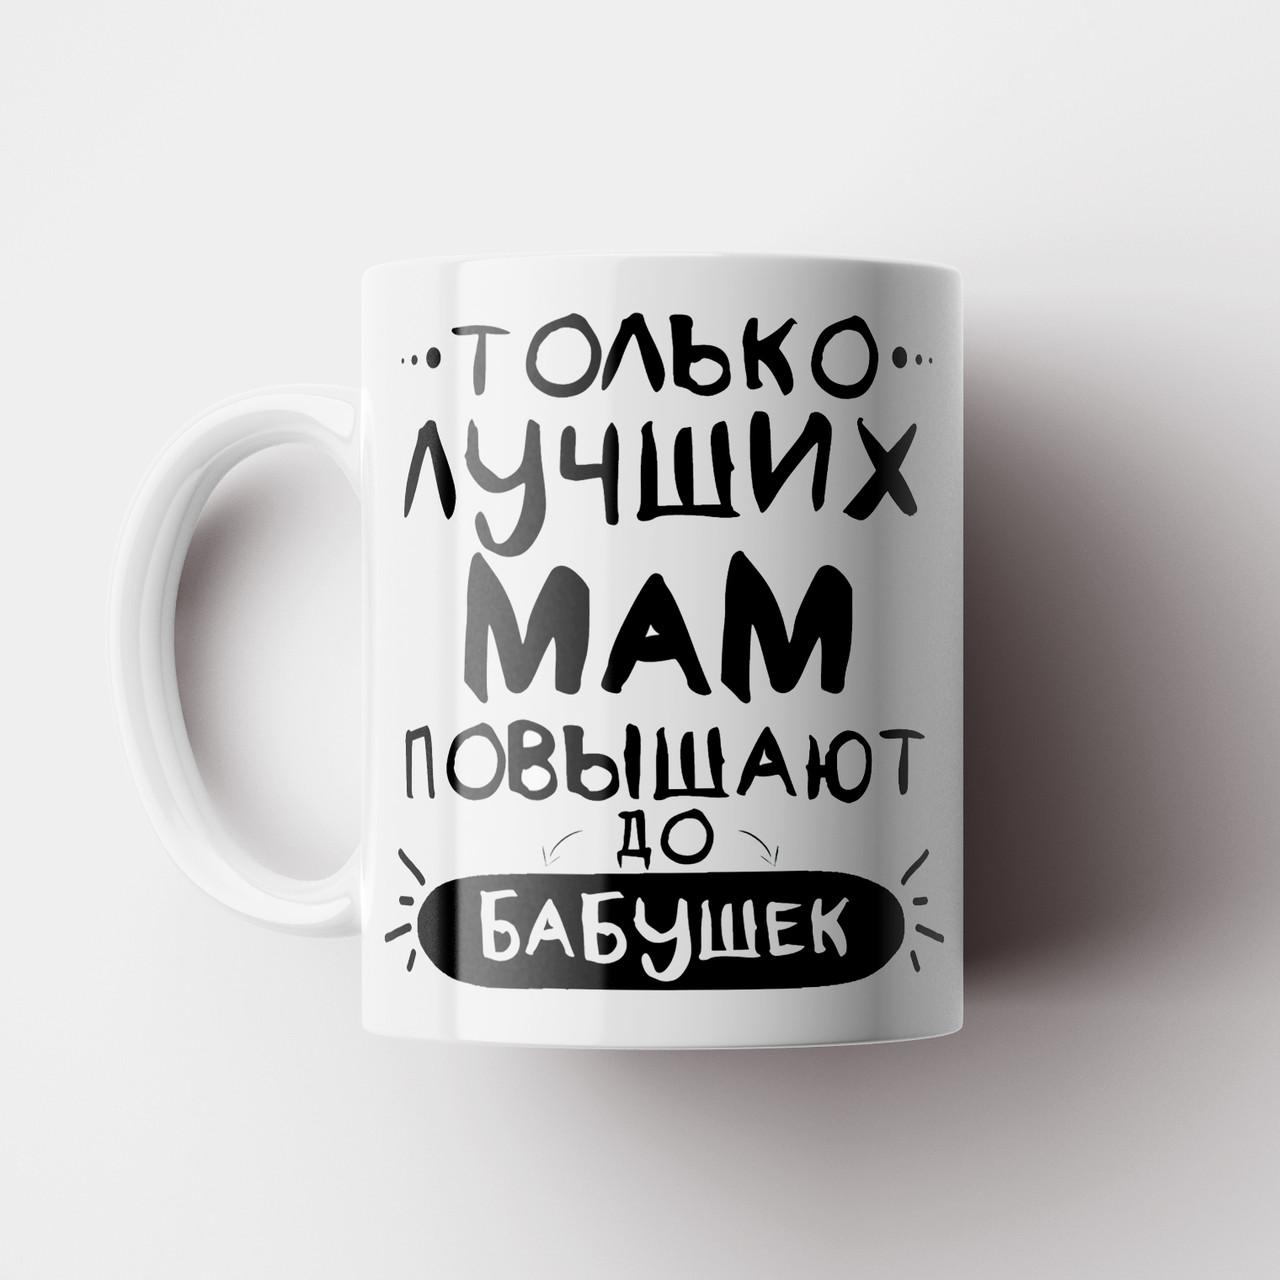 """Чашка подарок Бабушке. Кружка с принтом """"повышают до бабушек"""". Чашка с фото"""